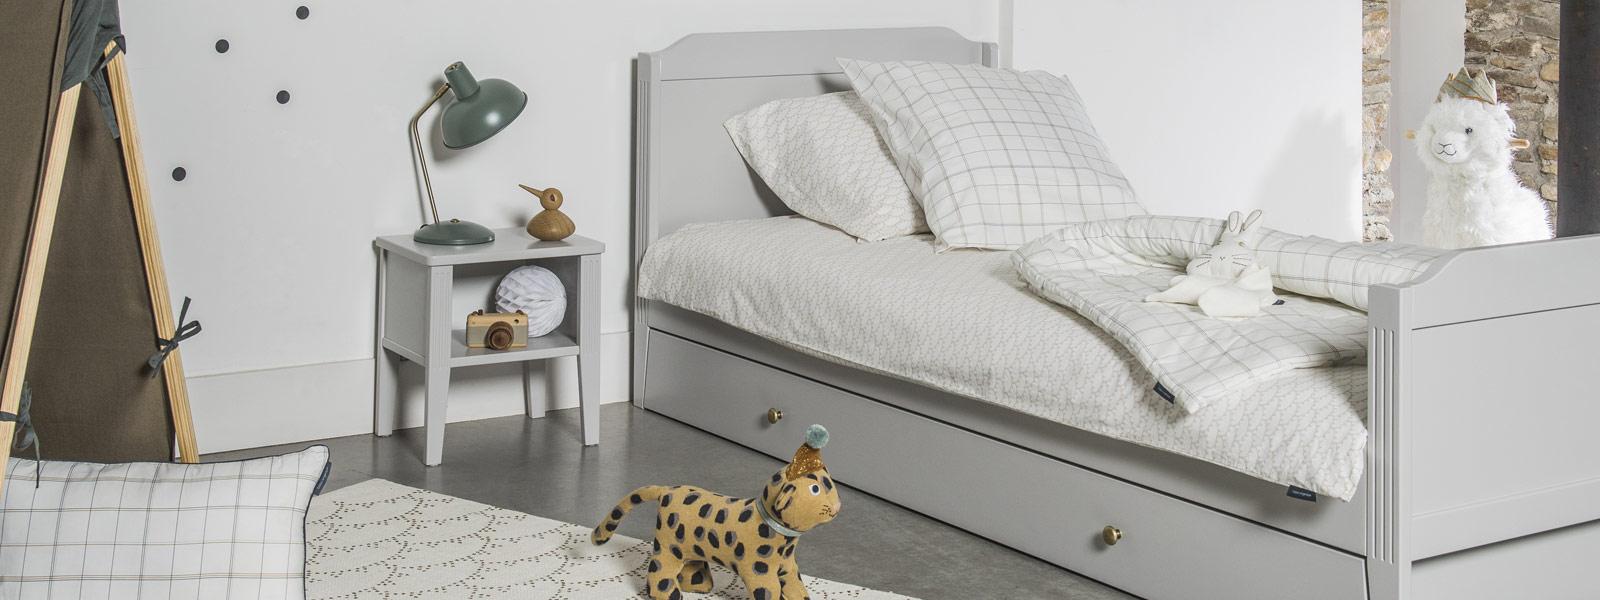 linge-de-lit-coton-organique-maison-charlotte